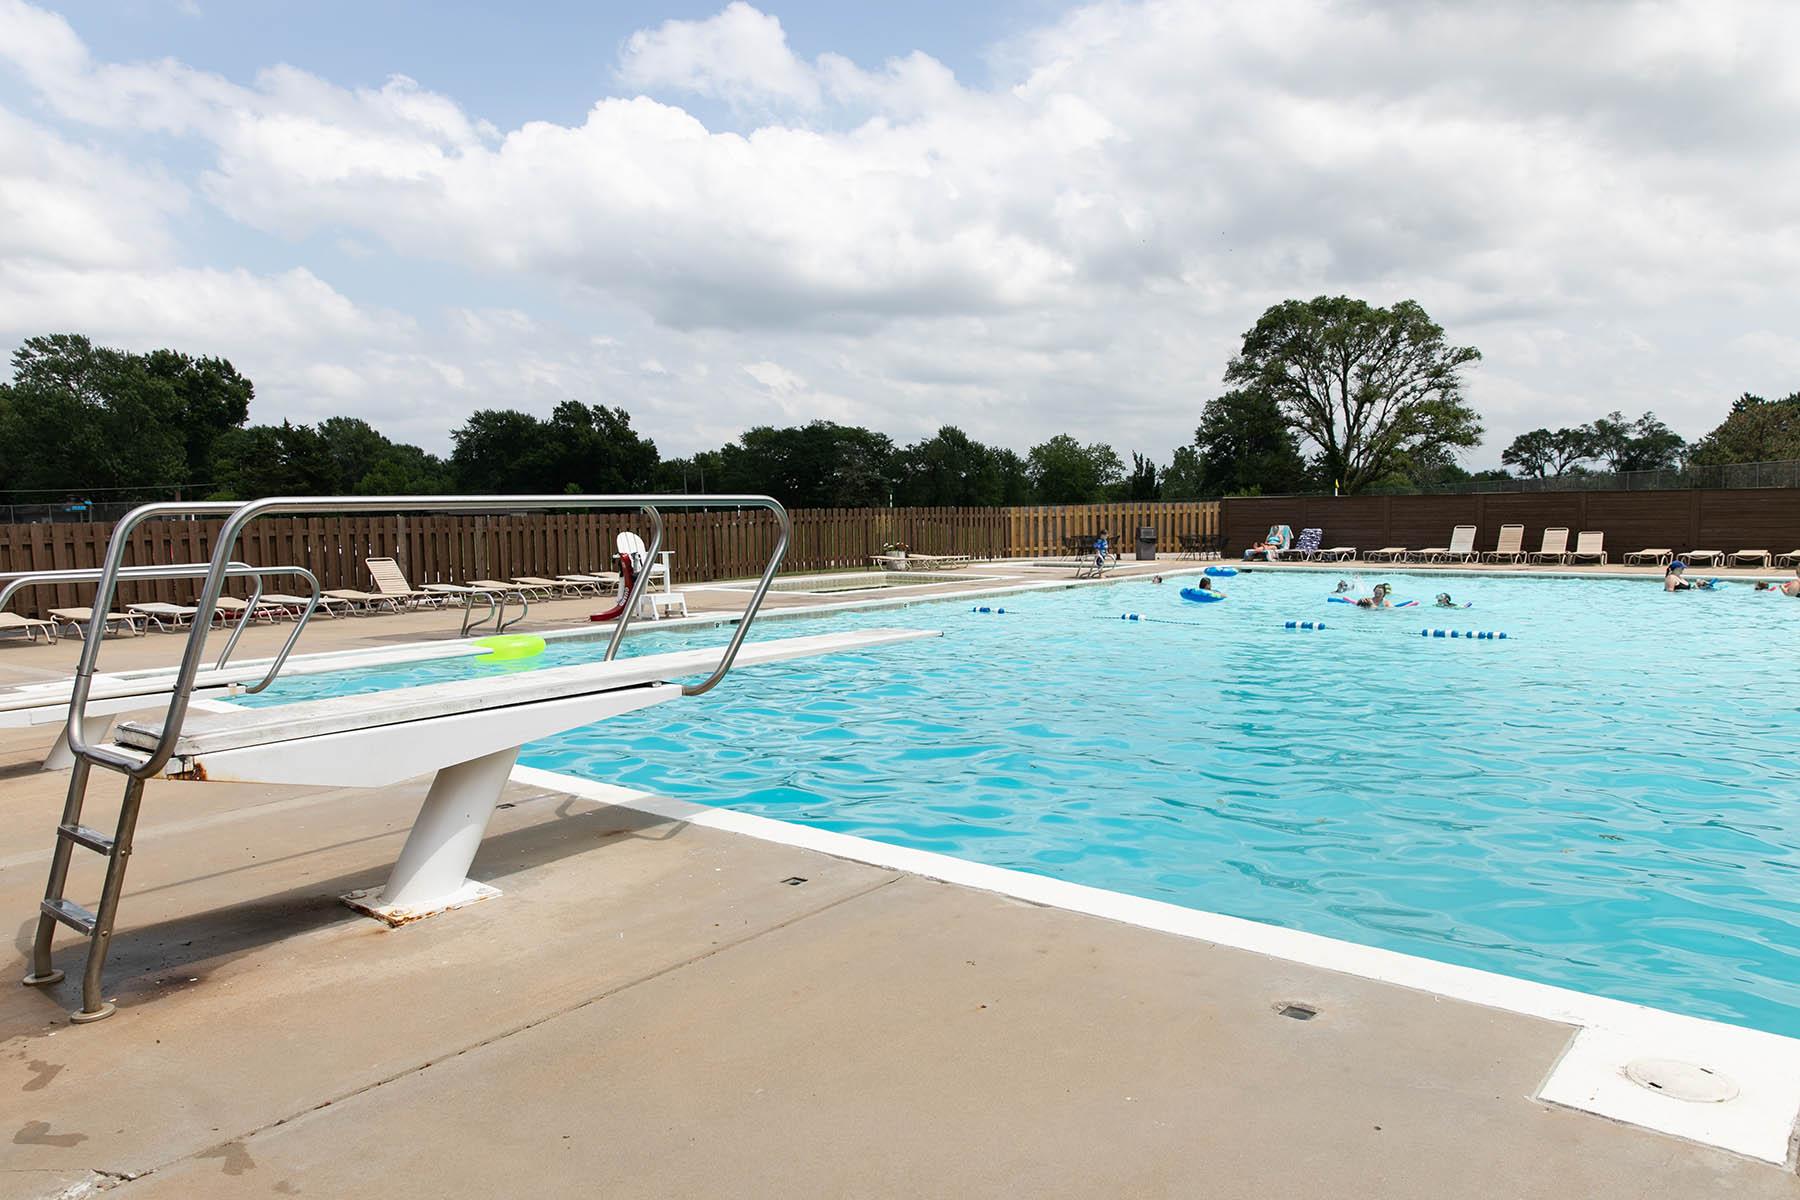 shawnee country club pool